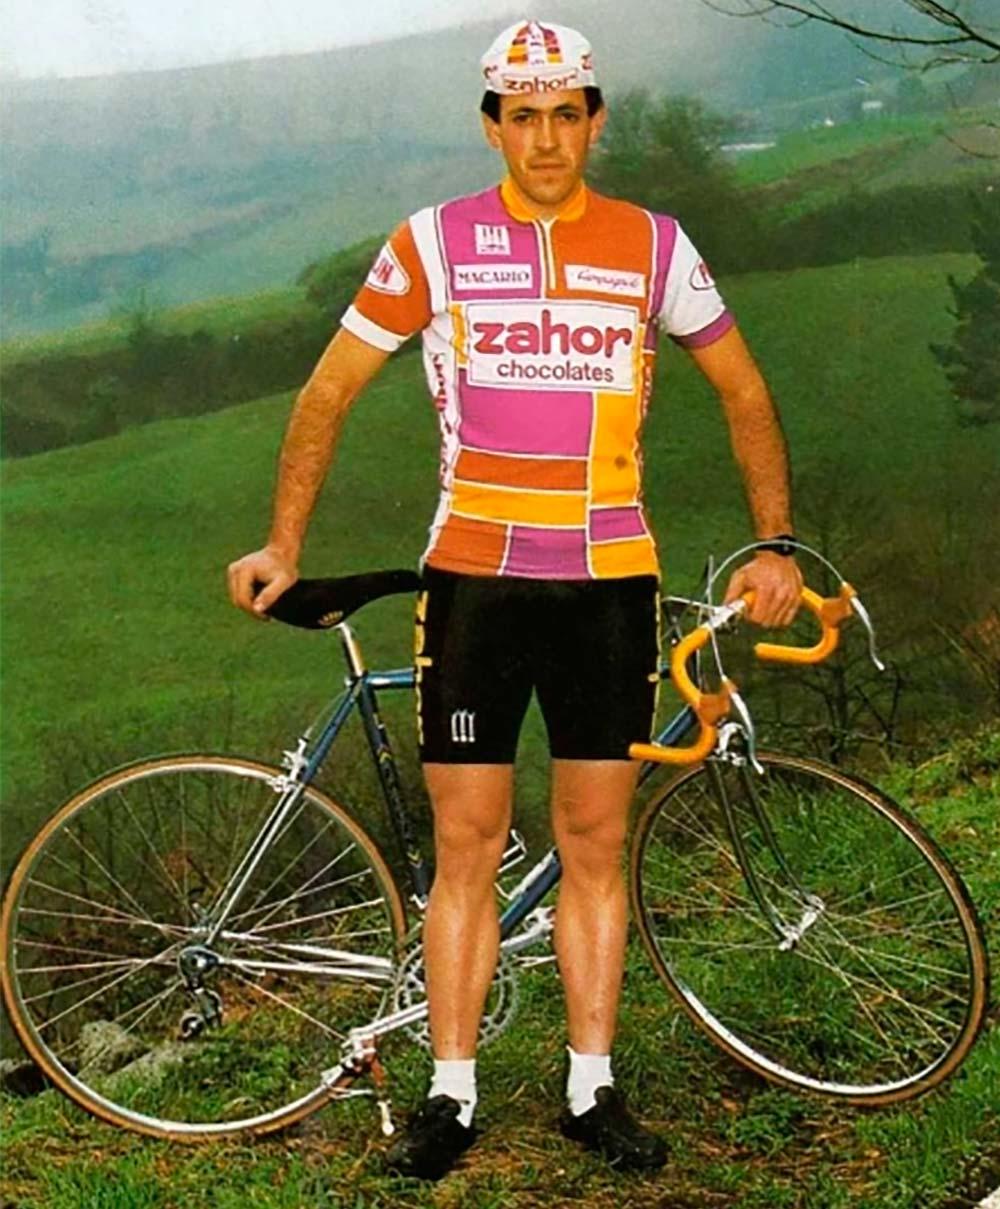 Fallece el ex-ciclista vasco Jon 'Tati' Egiarte, ganador de una etapa de La Vuelta en 1986